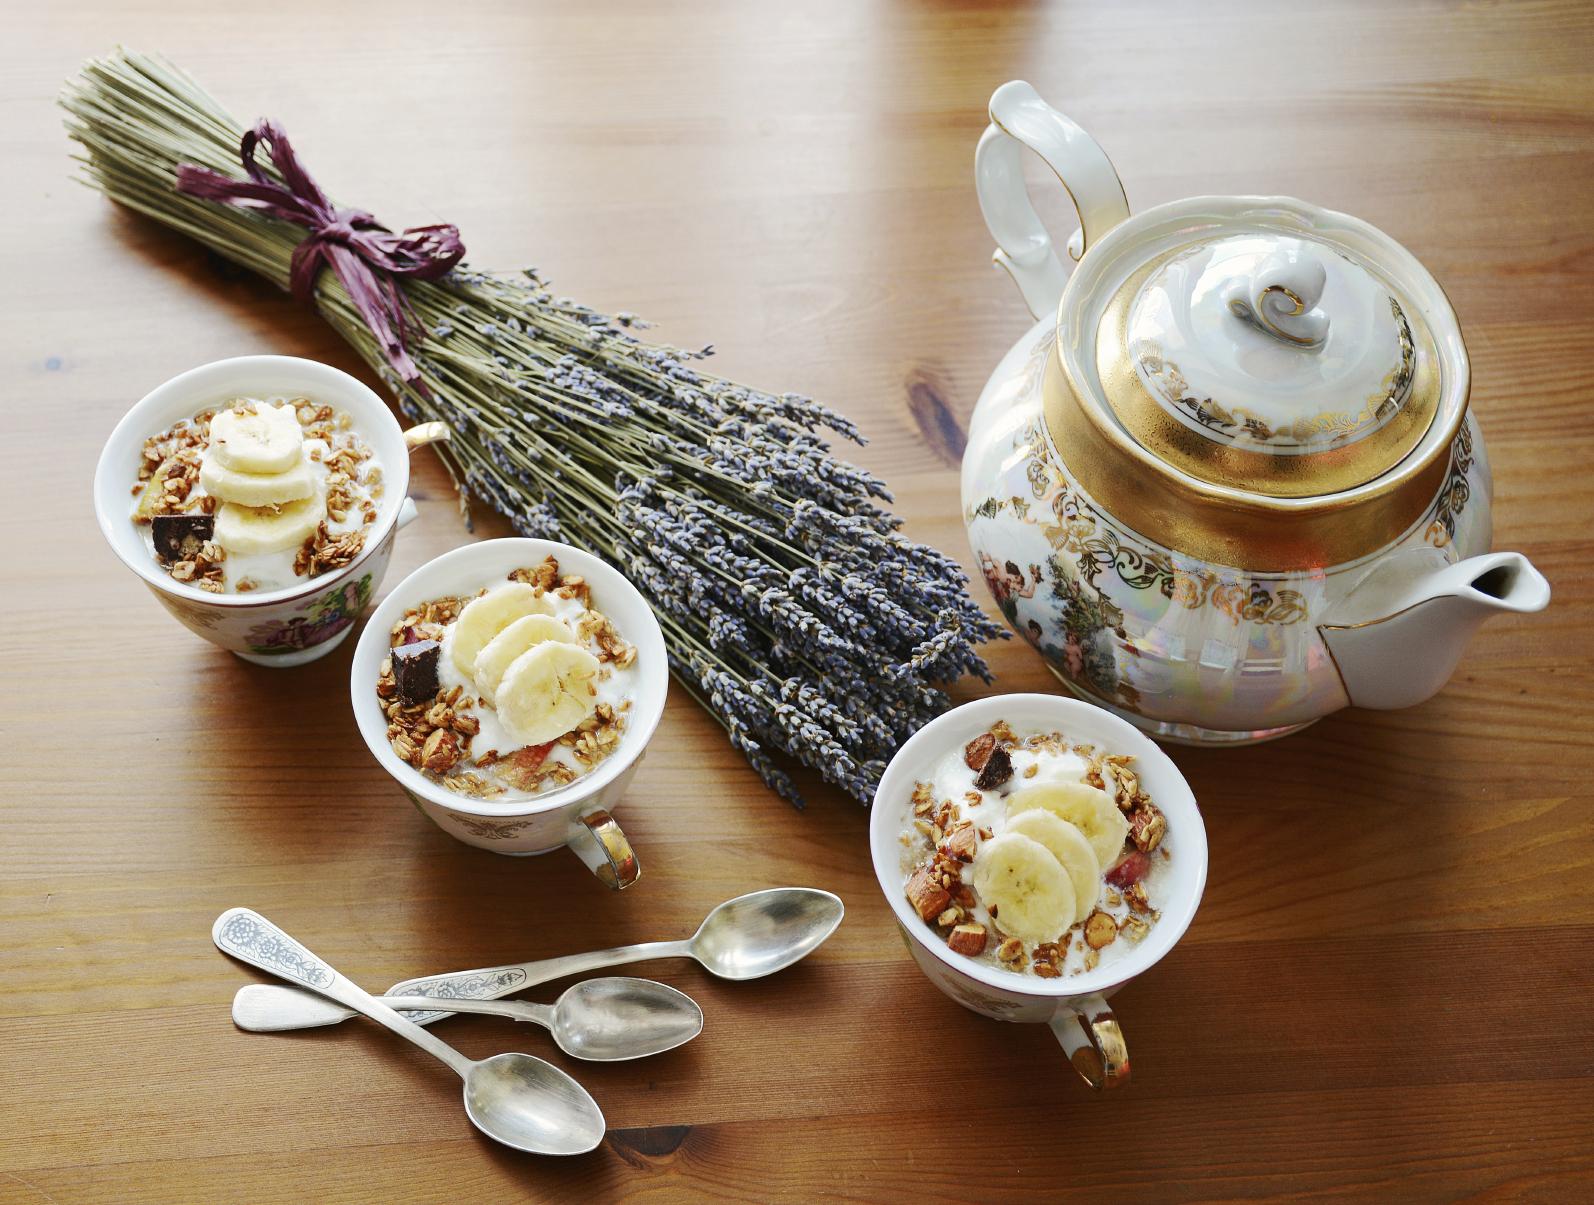 Postre de coco y yogurt con miel y nueces